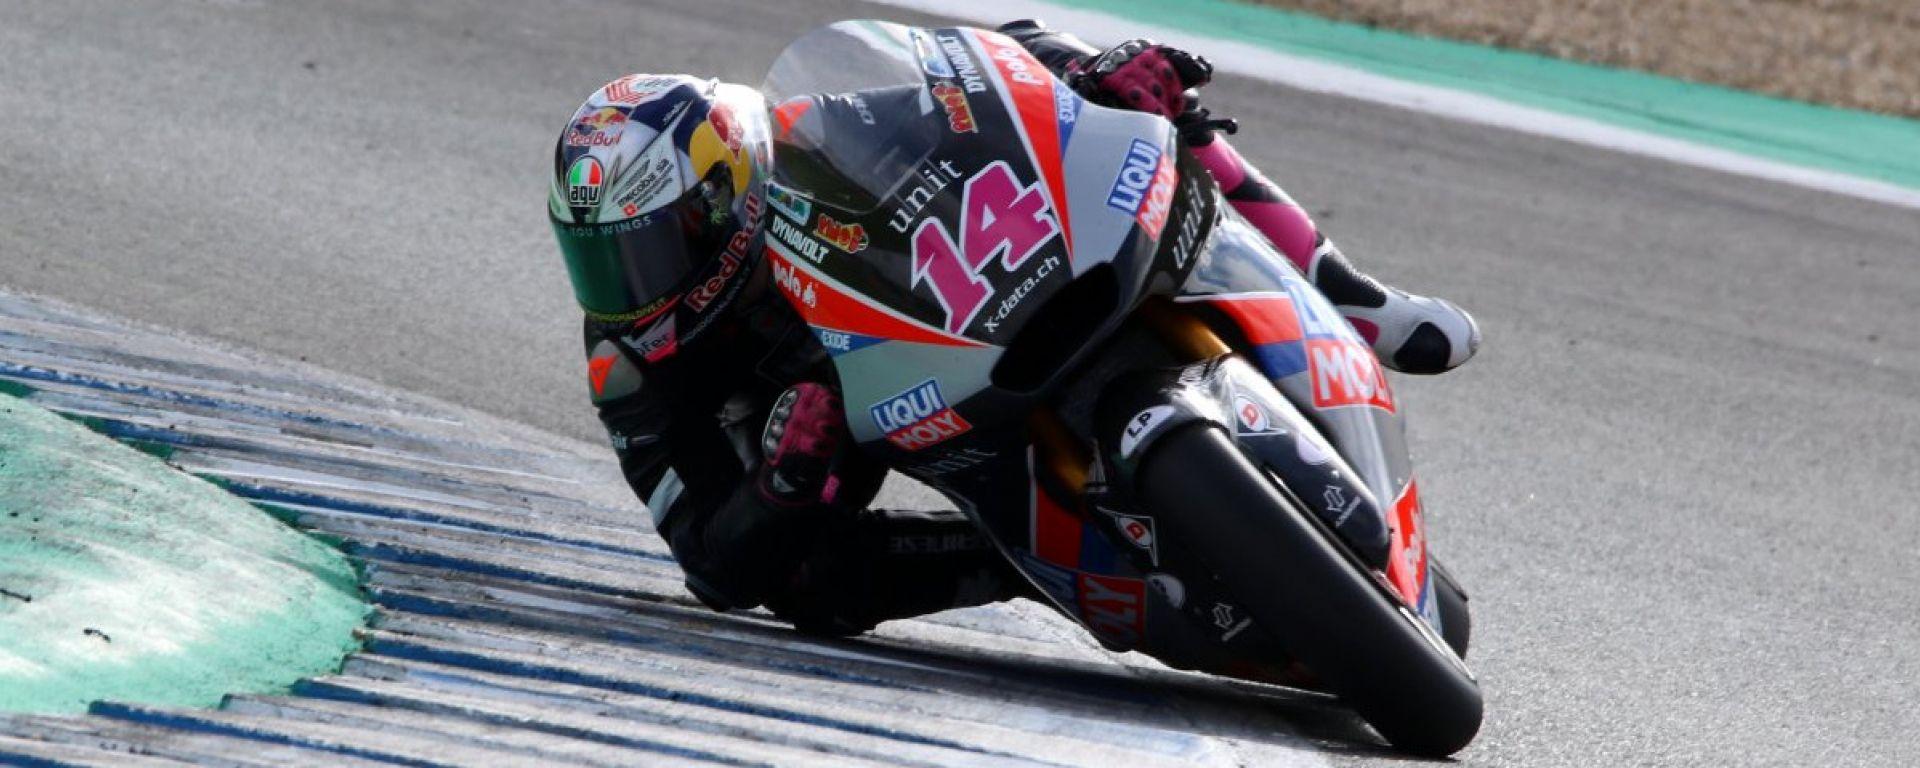 Test Moto2: Esordio per Vietti e Arbolino. Ramirez il più veloce